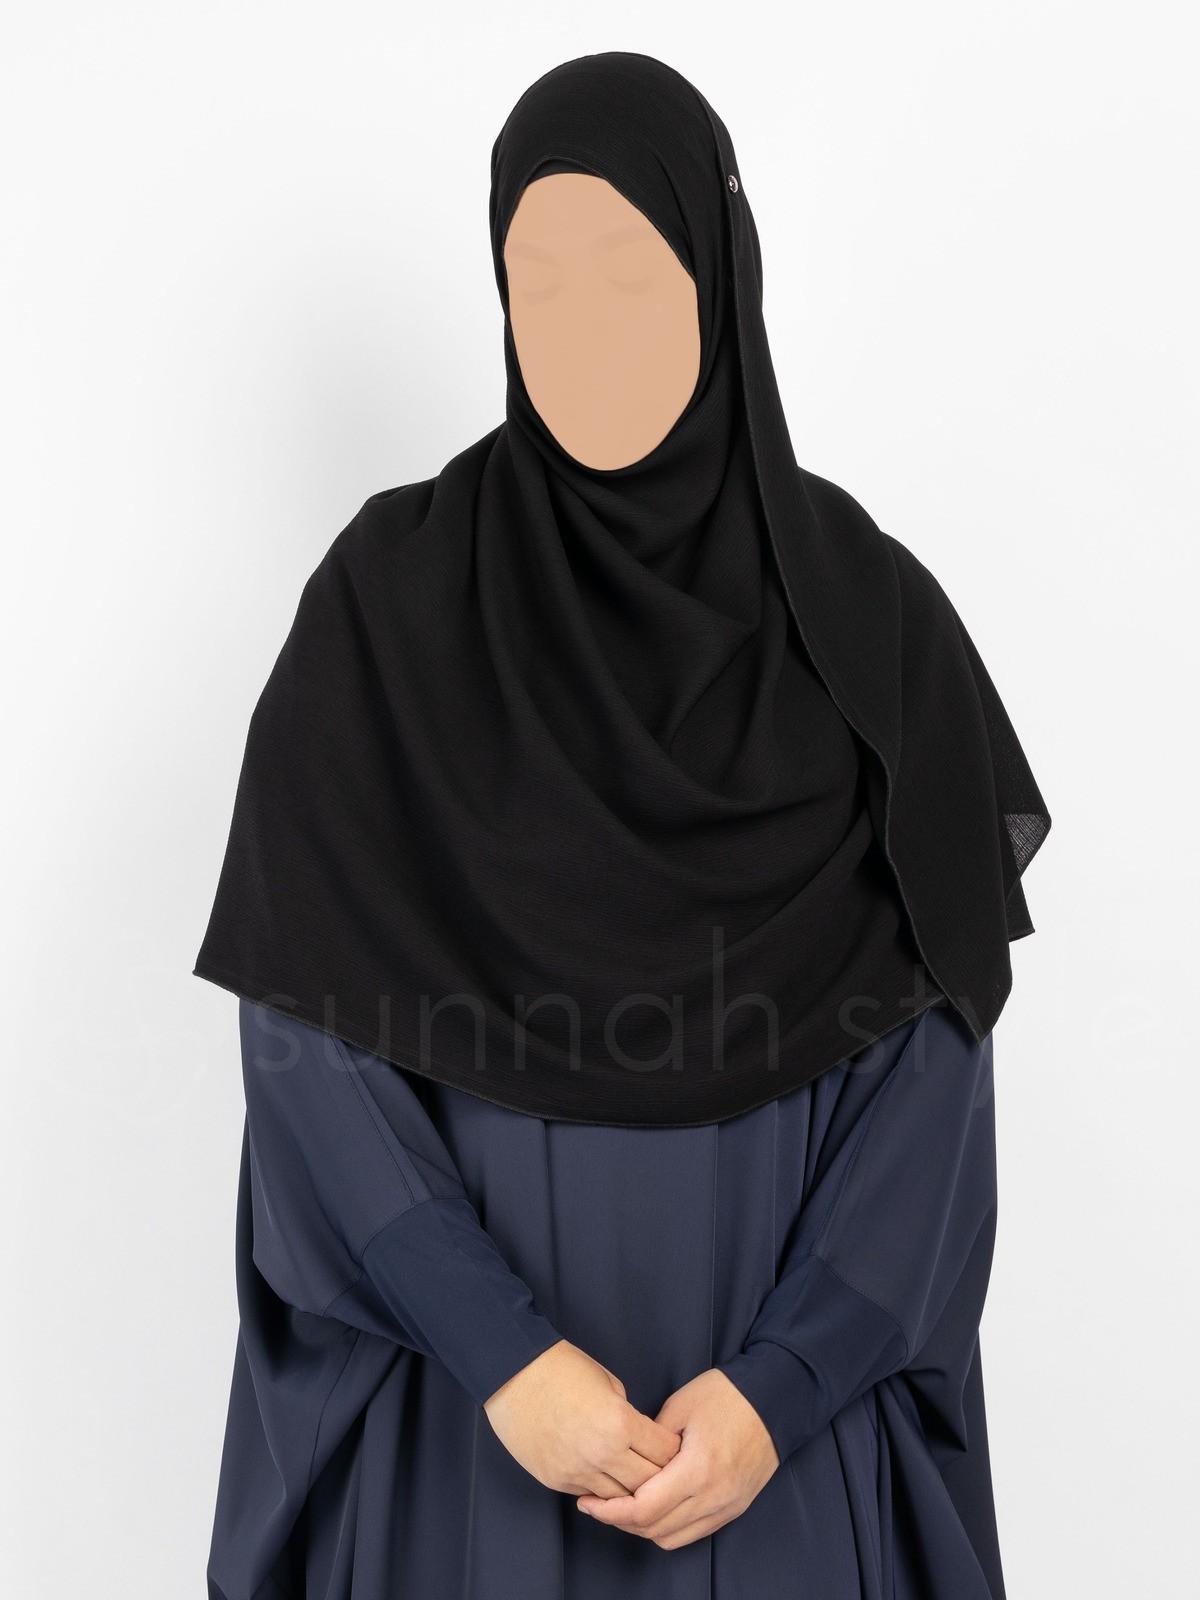 Sunnah Style - Brushed Shayla - Large (Black)